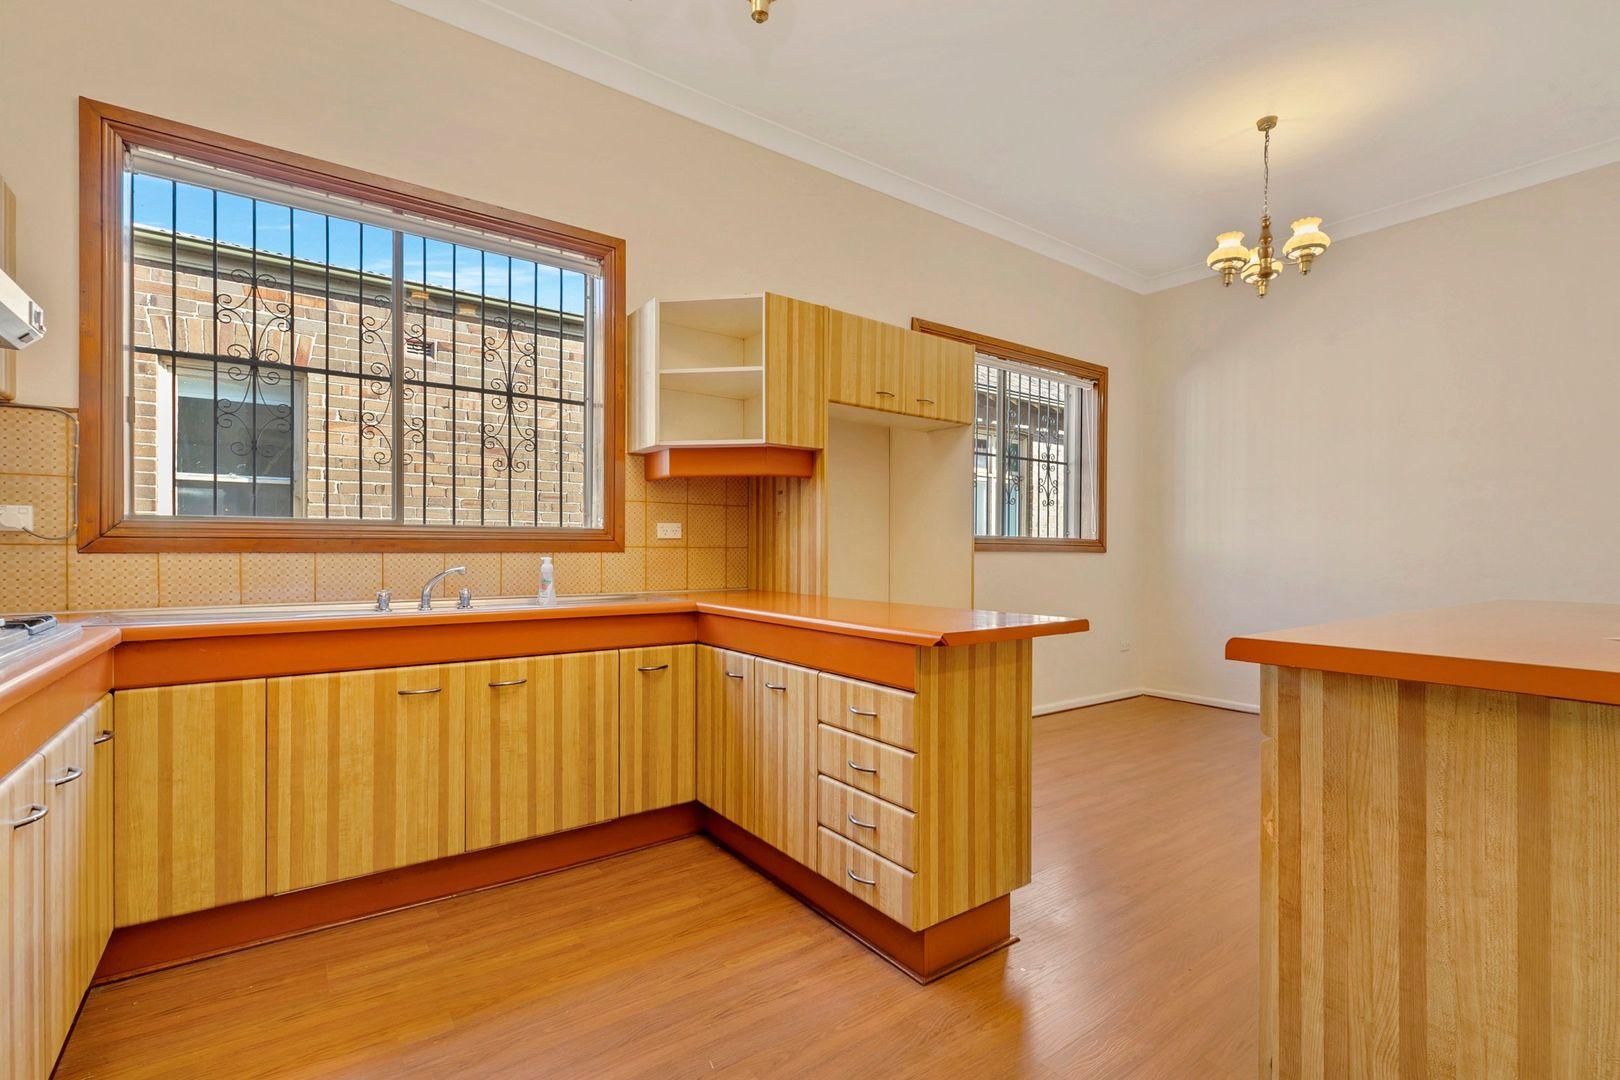 Bondi Junction NSW 2022, Image 2